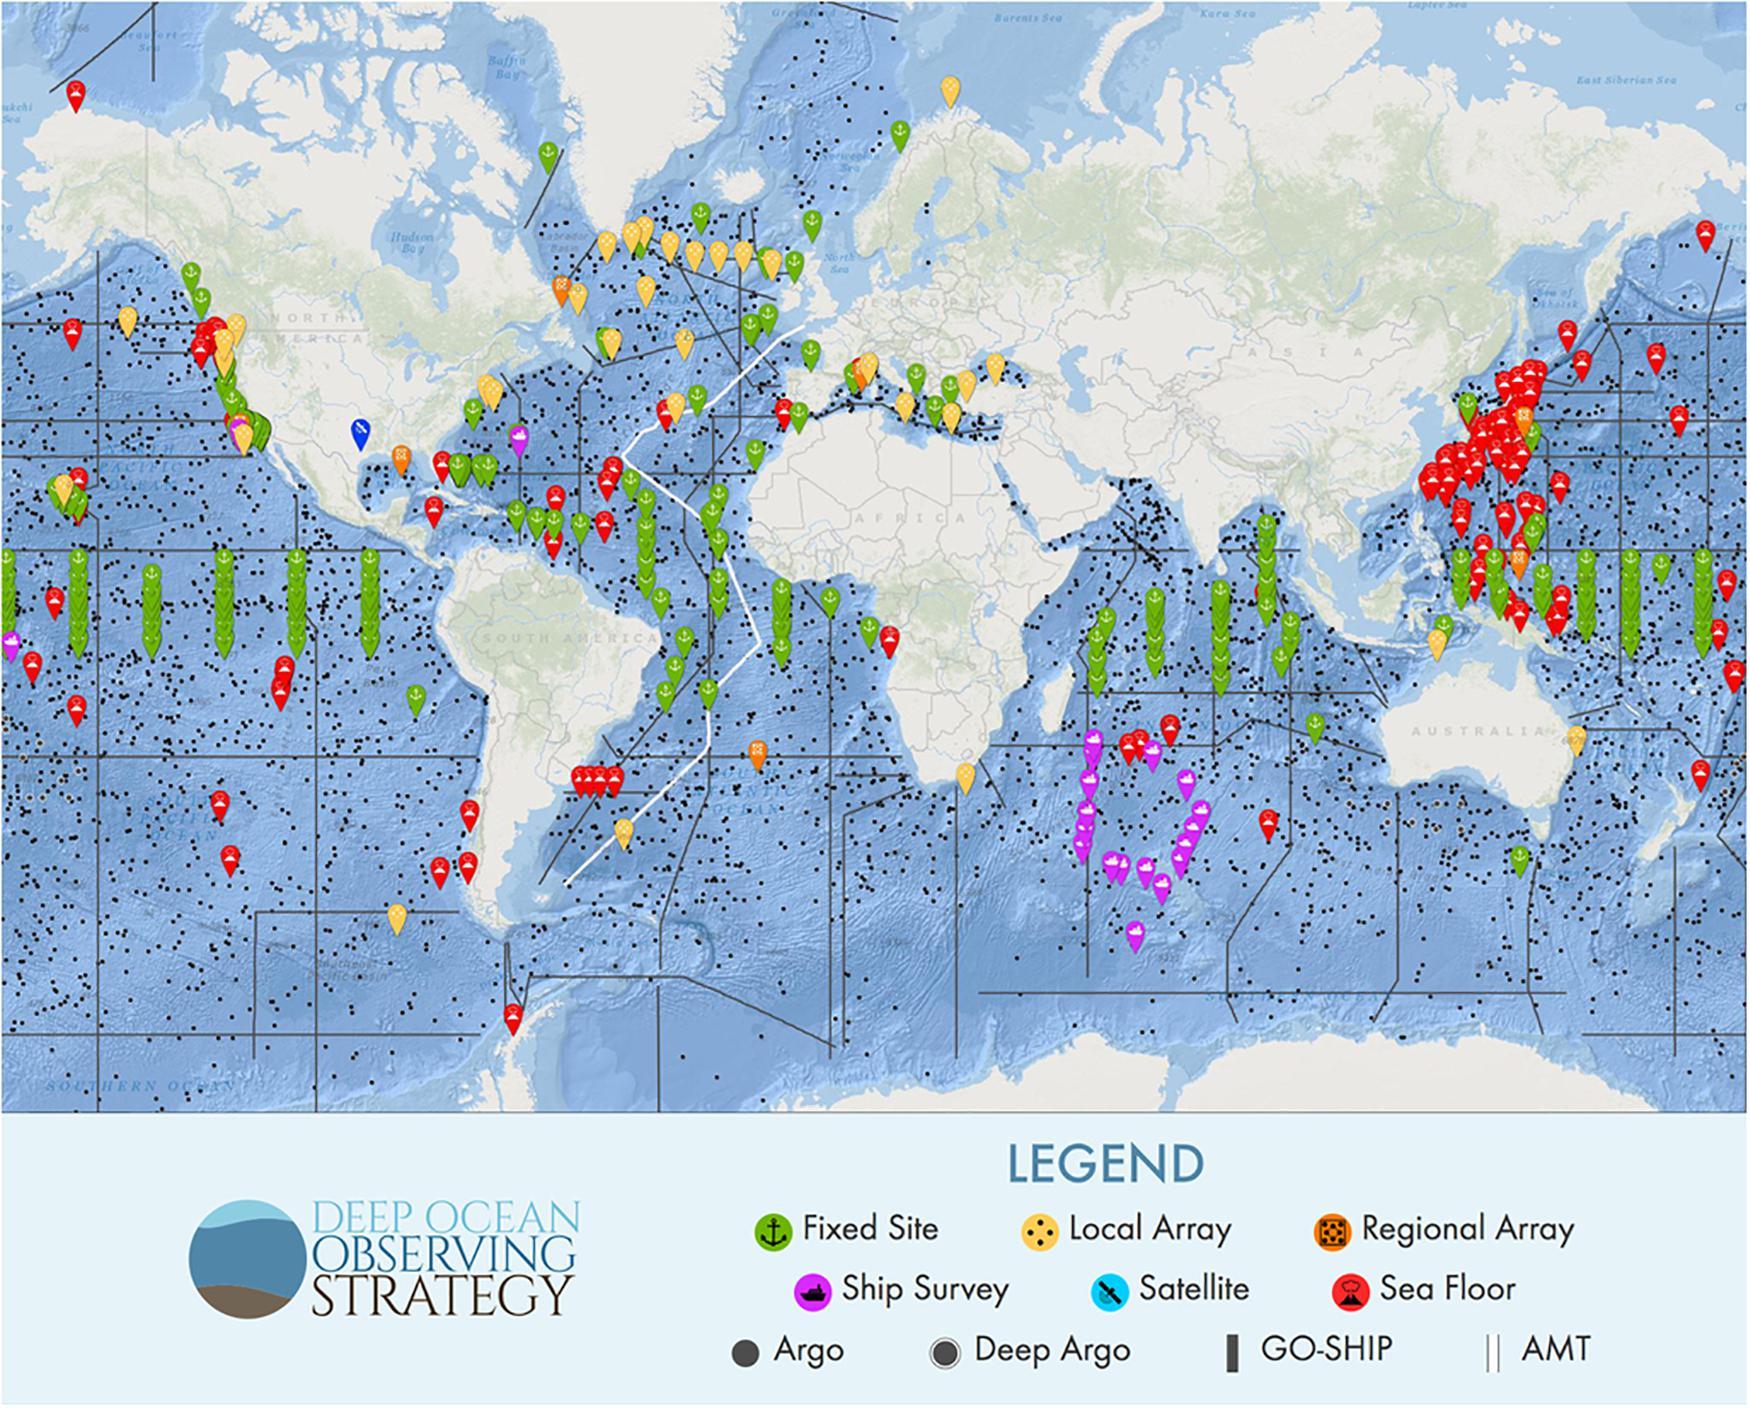 Frontiers | Global Observing Needs in the Deep Ocean